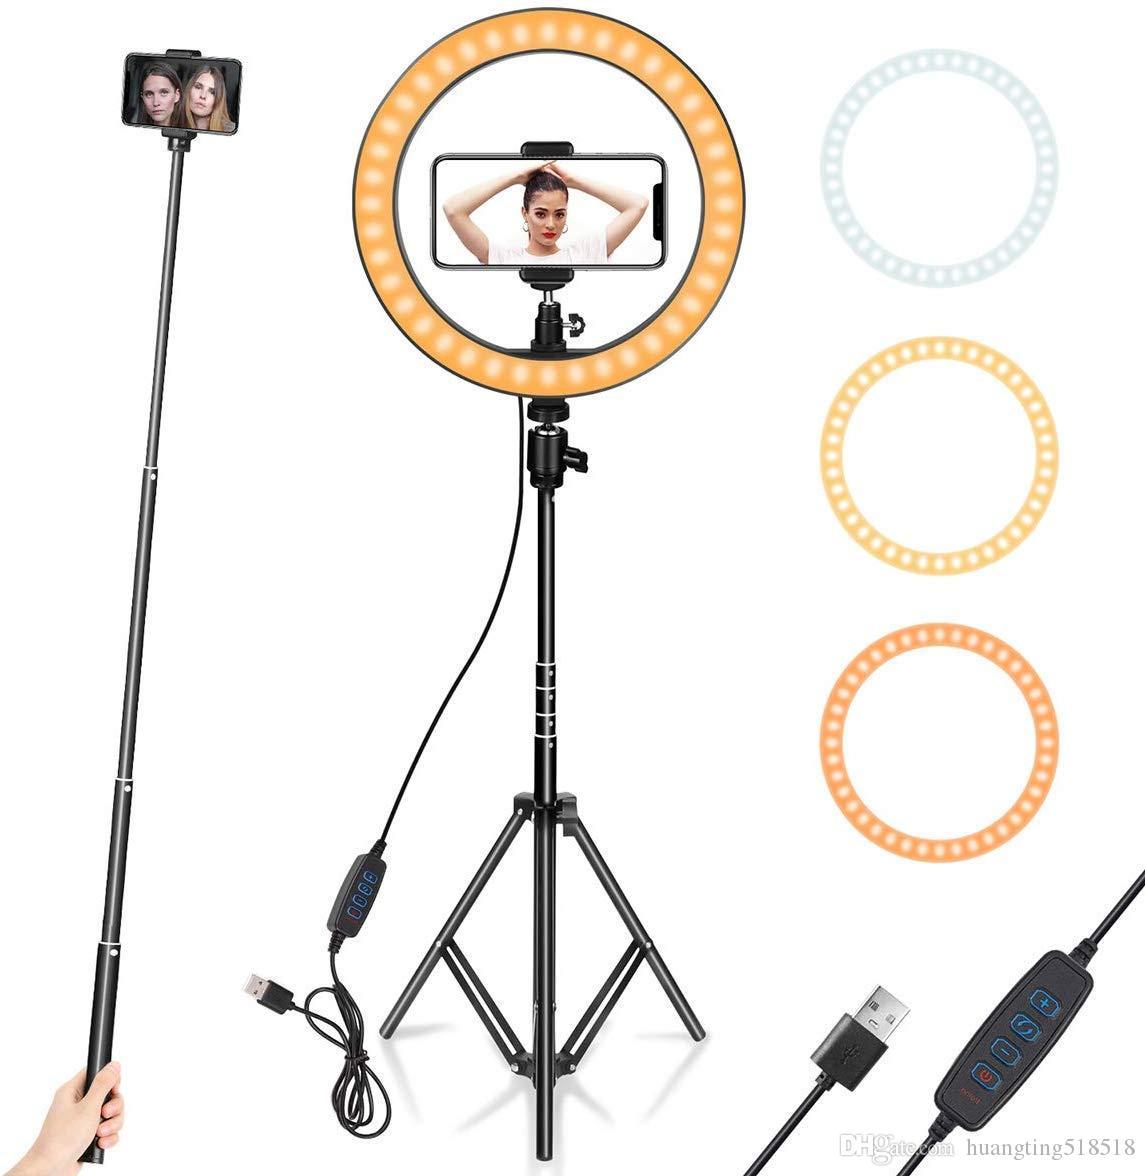 """Кольцо Light 10 """"с штативной стойкой Держатель телефона для YouTube видео, настольная камера светодиодный кольцевой свет для потоковой передачи, макияжа, селфи"""